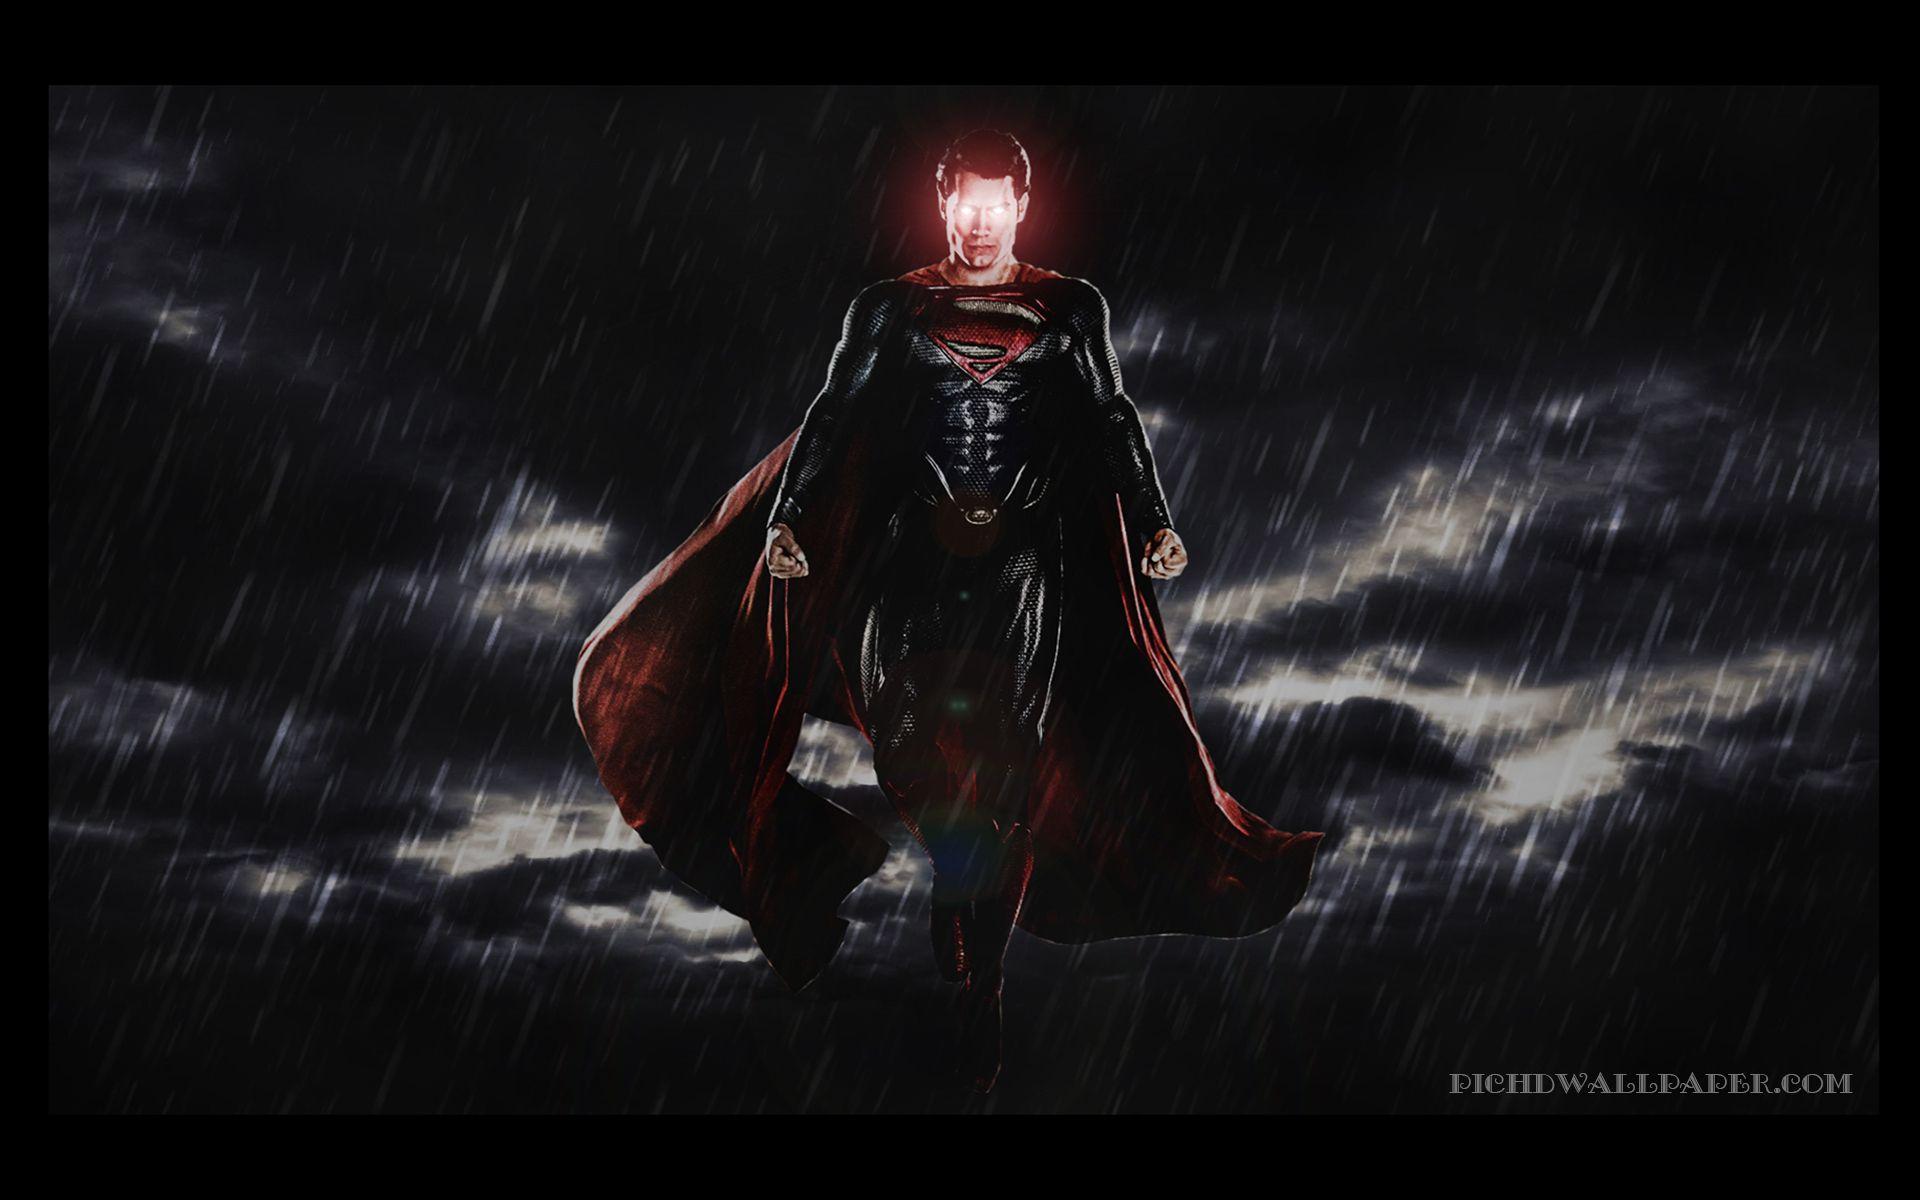 Batman Vs Superman Wallpaper Images #4q7 1920x1200 px 646 ...